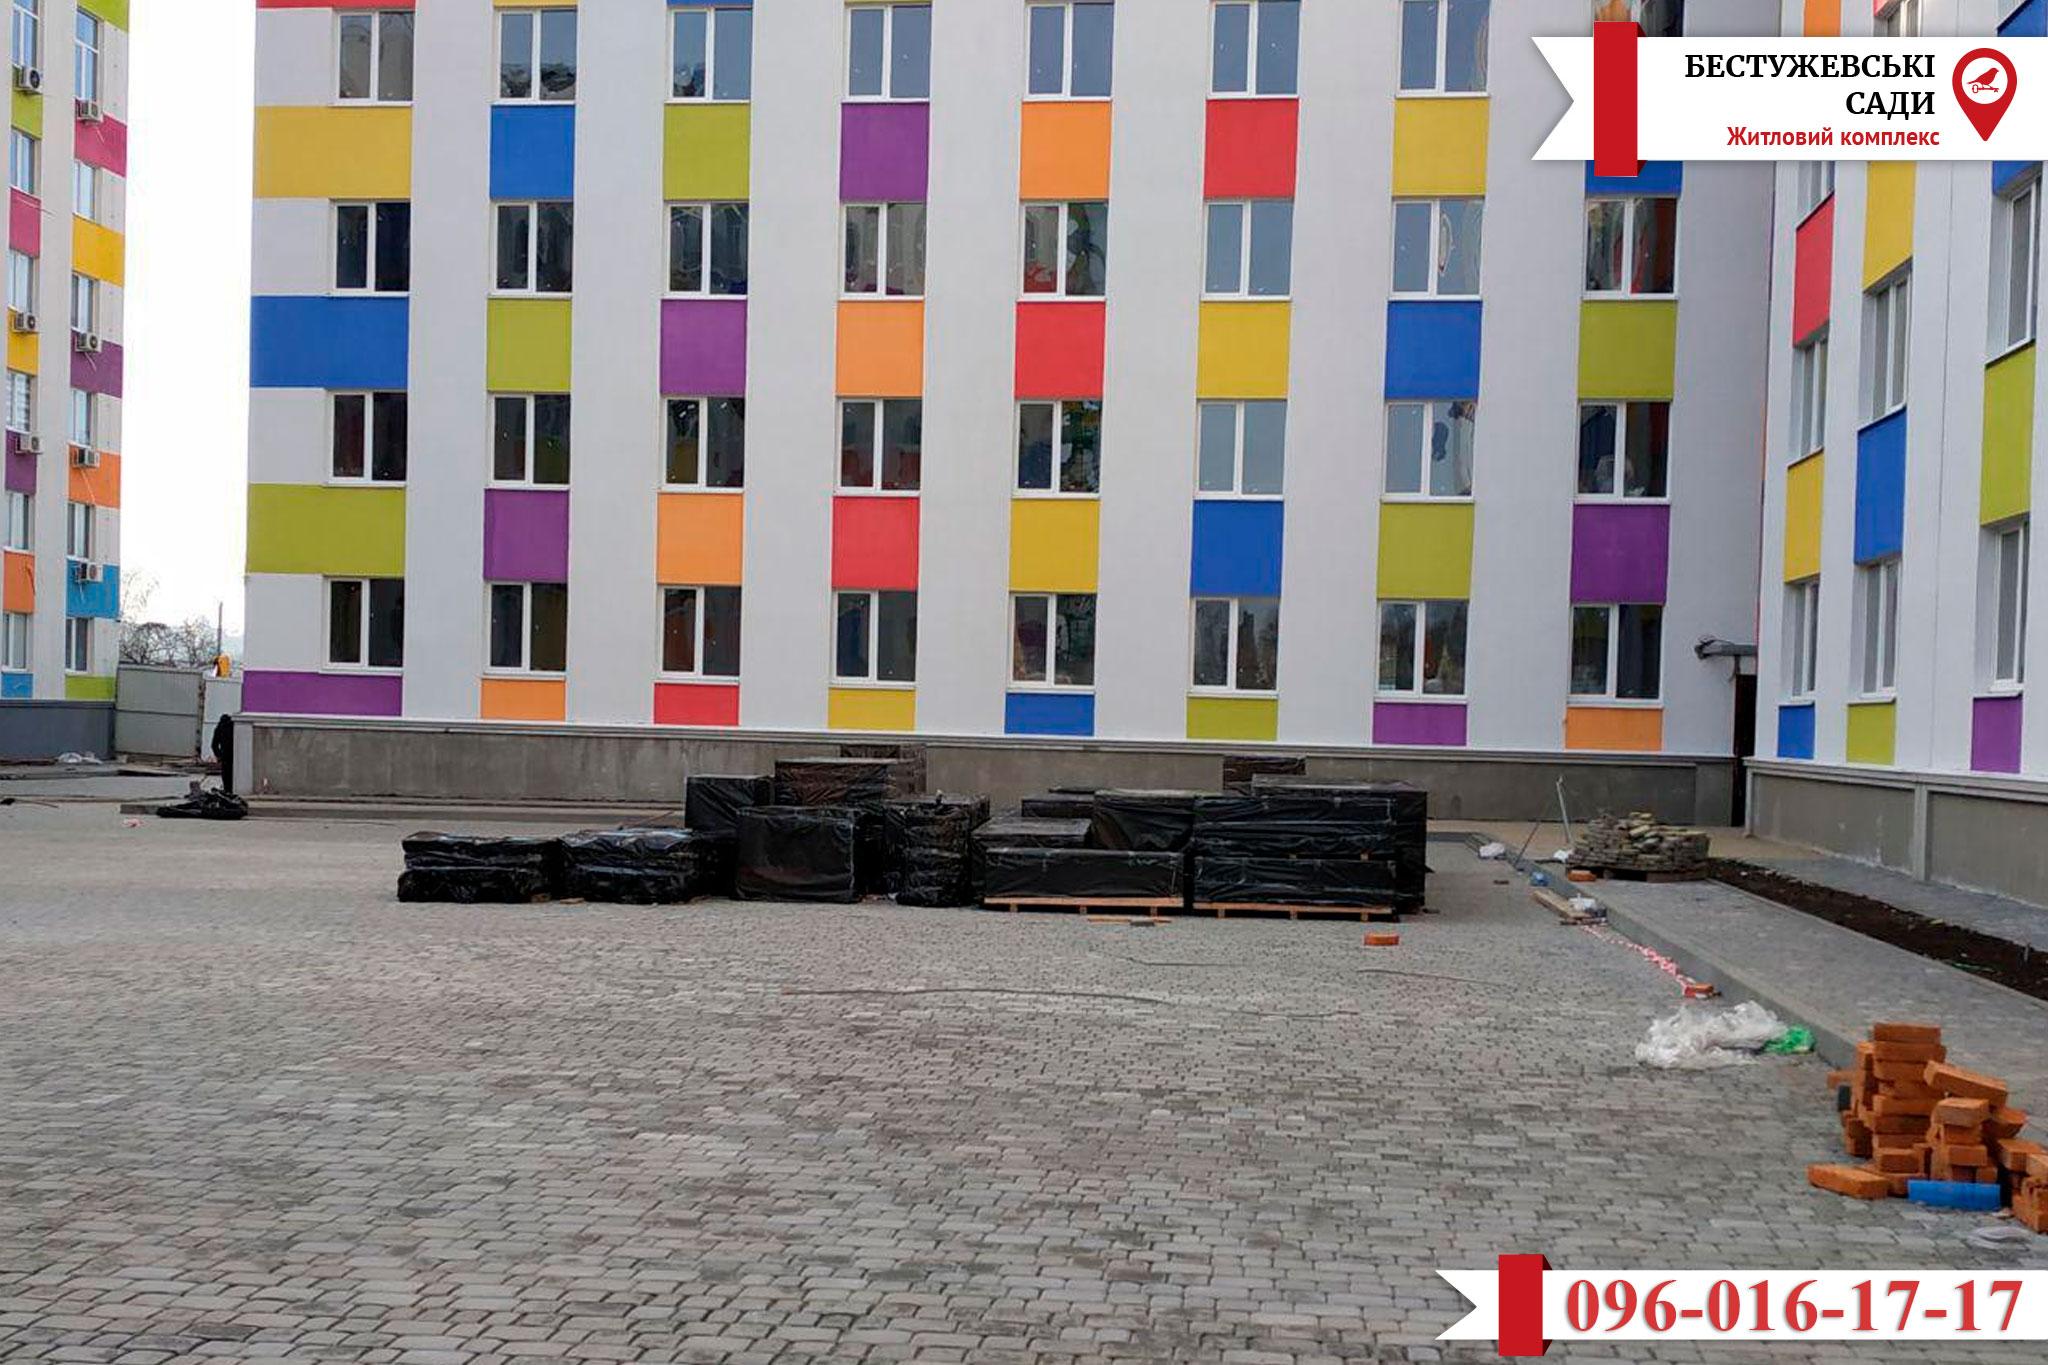 Будівельний прогрес на об'єкті ЖК «Бестужевські сади»